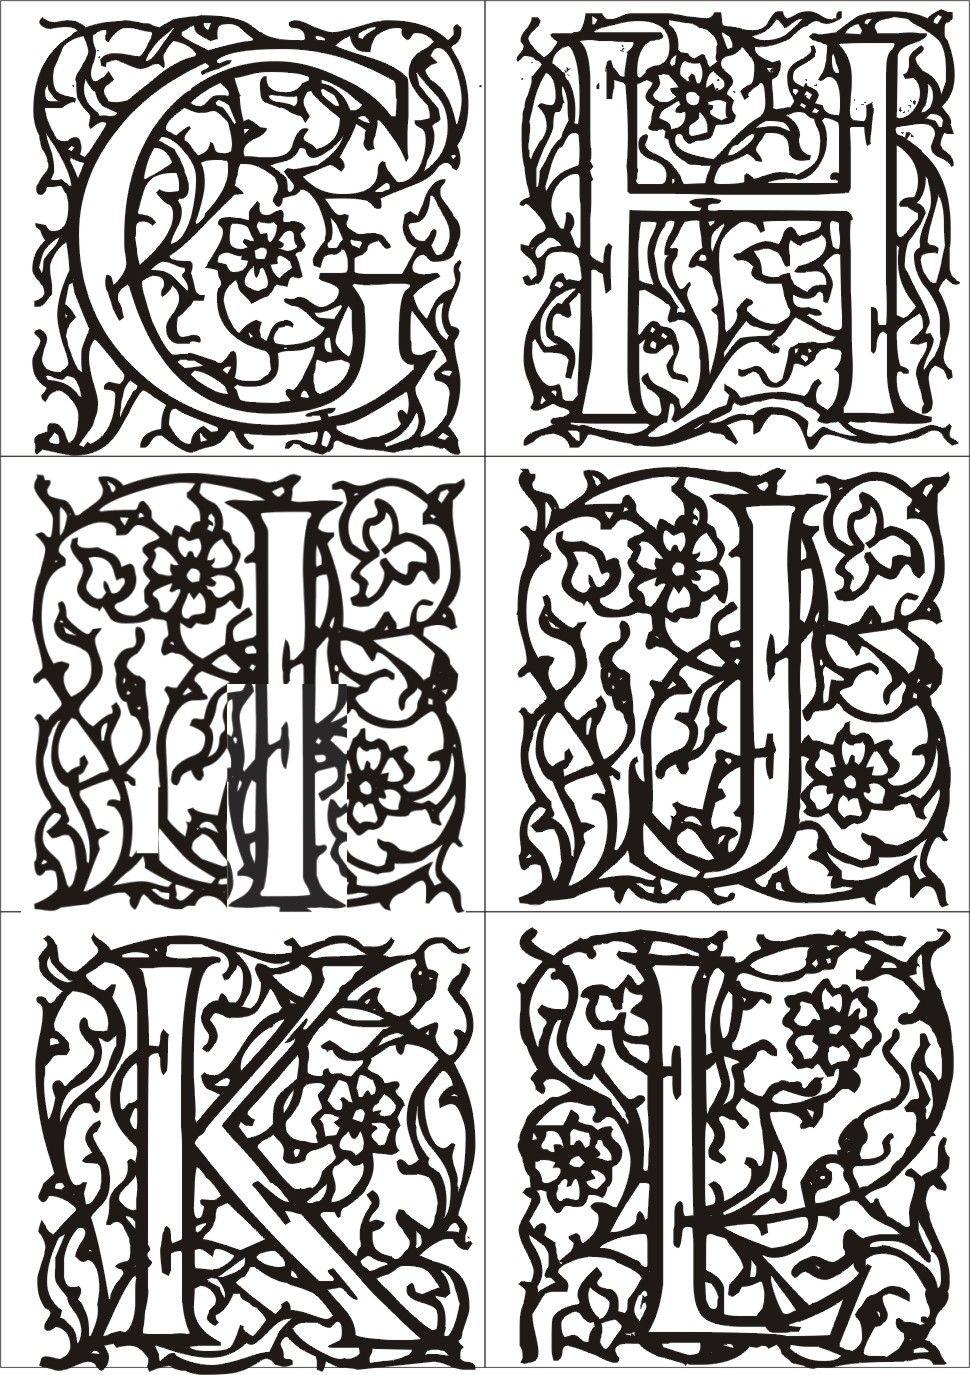 Coloriage lettre v enl lettre m scarino page 2 roman enluminure medieval art renaissance - Image du moyen age a imprimer ...